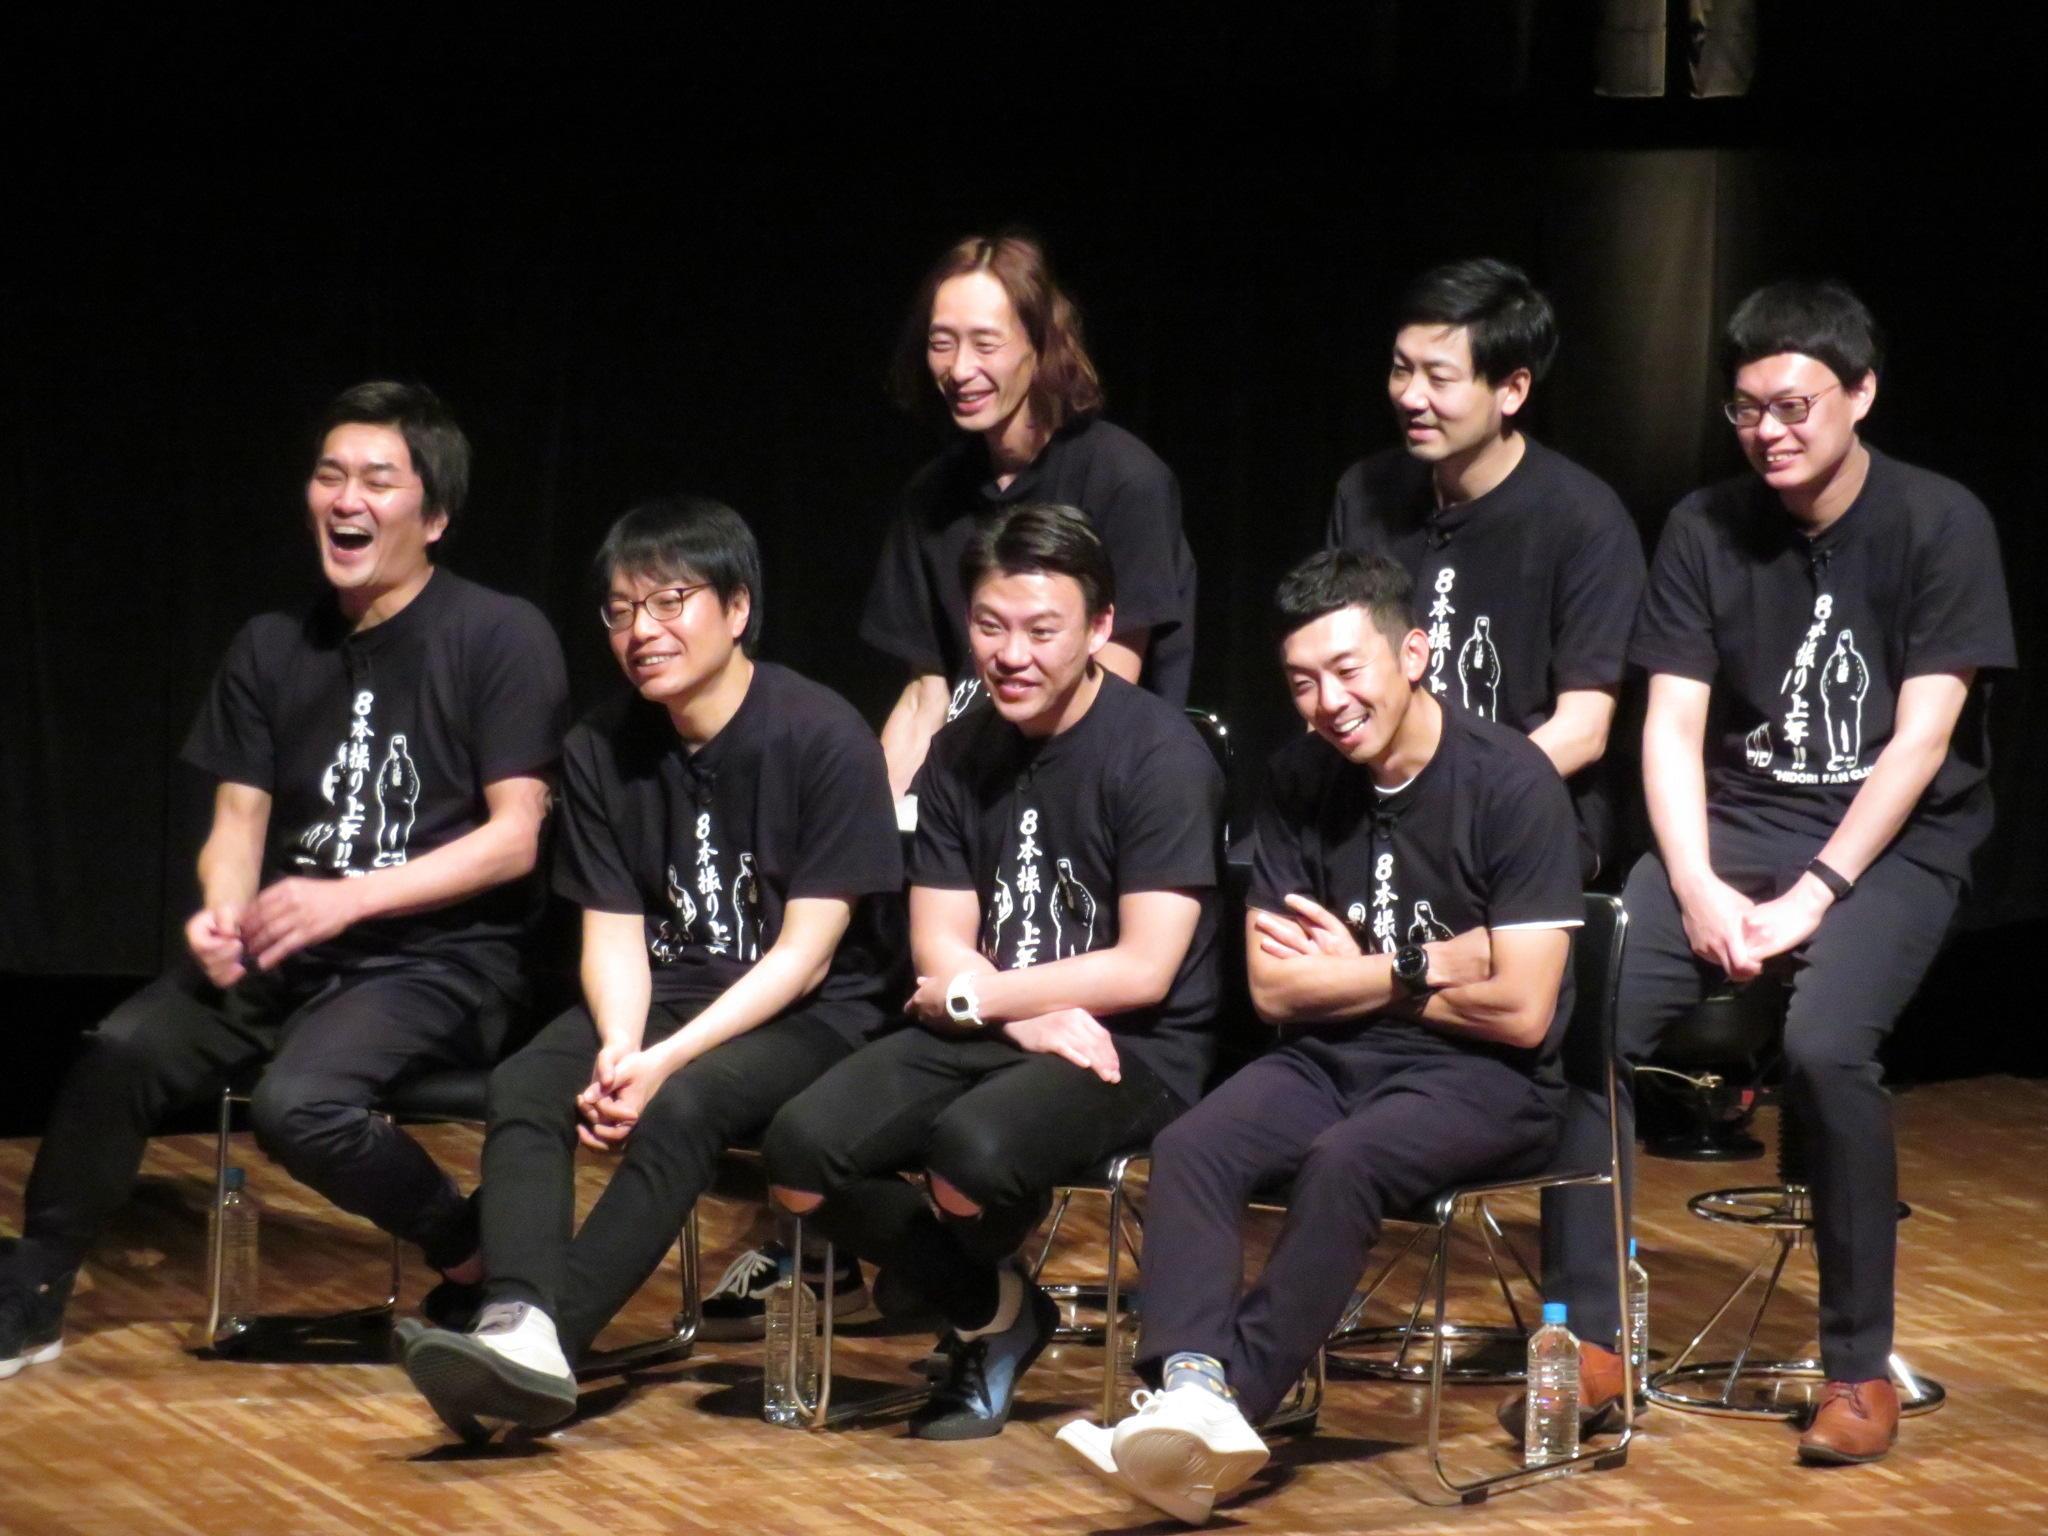 http://news.yoshimoto.co.jp/20181229113438-8fd4250a622c8d20183fcb708f74fef1e5c78d2e.jpg